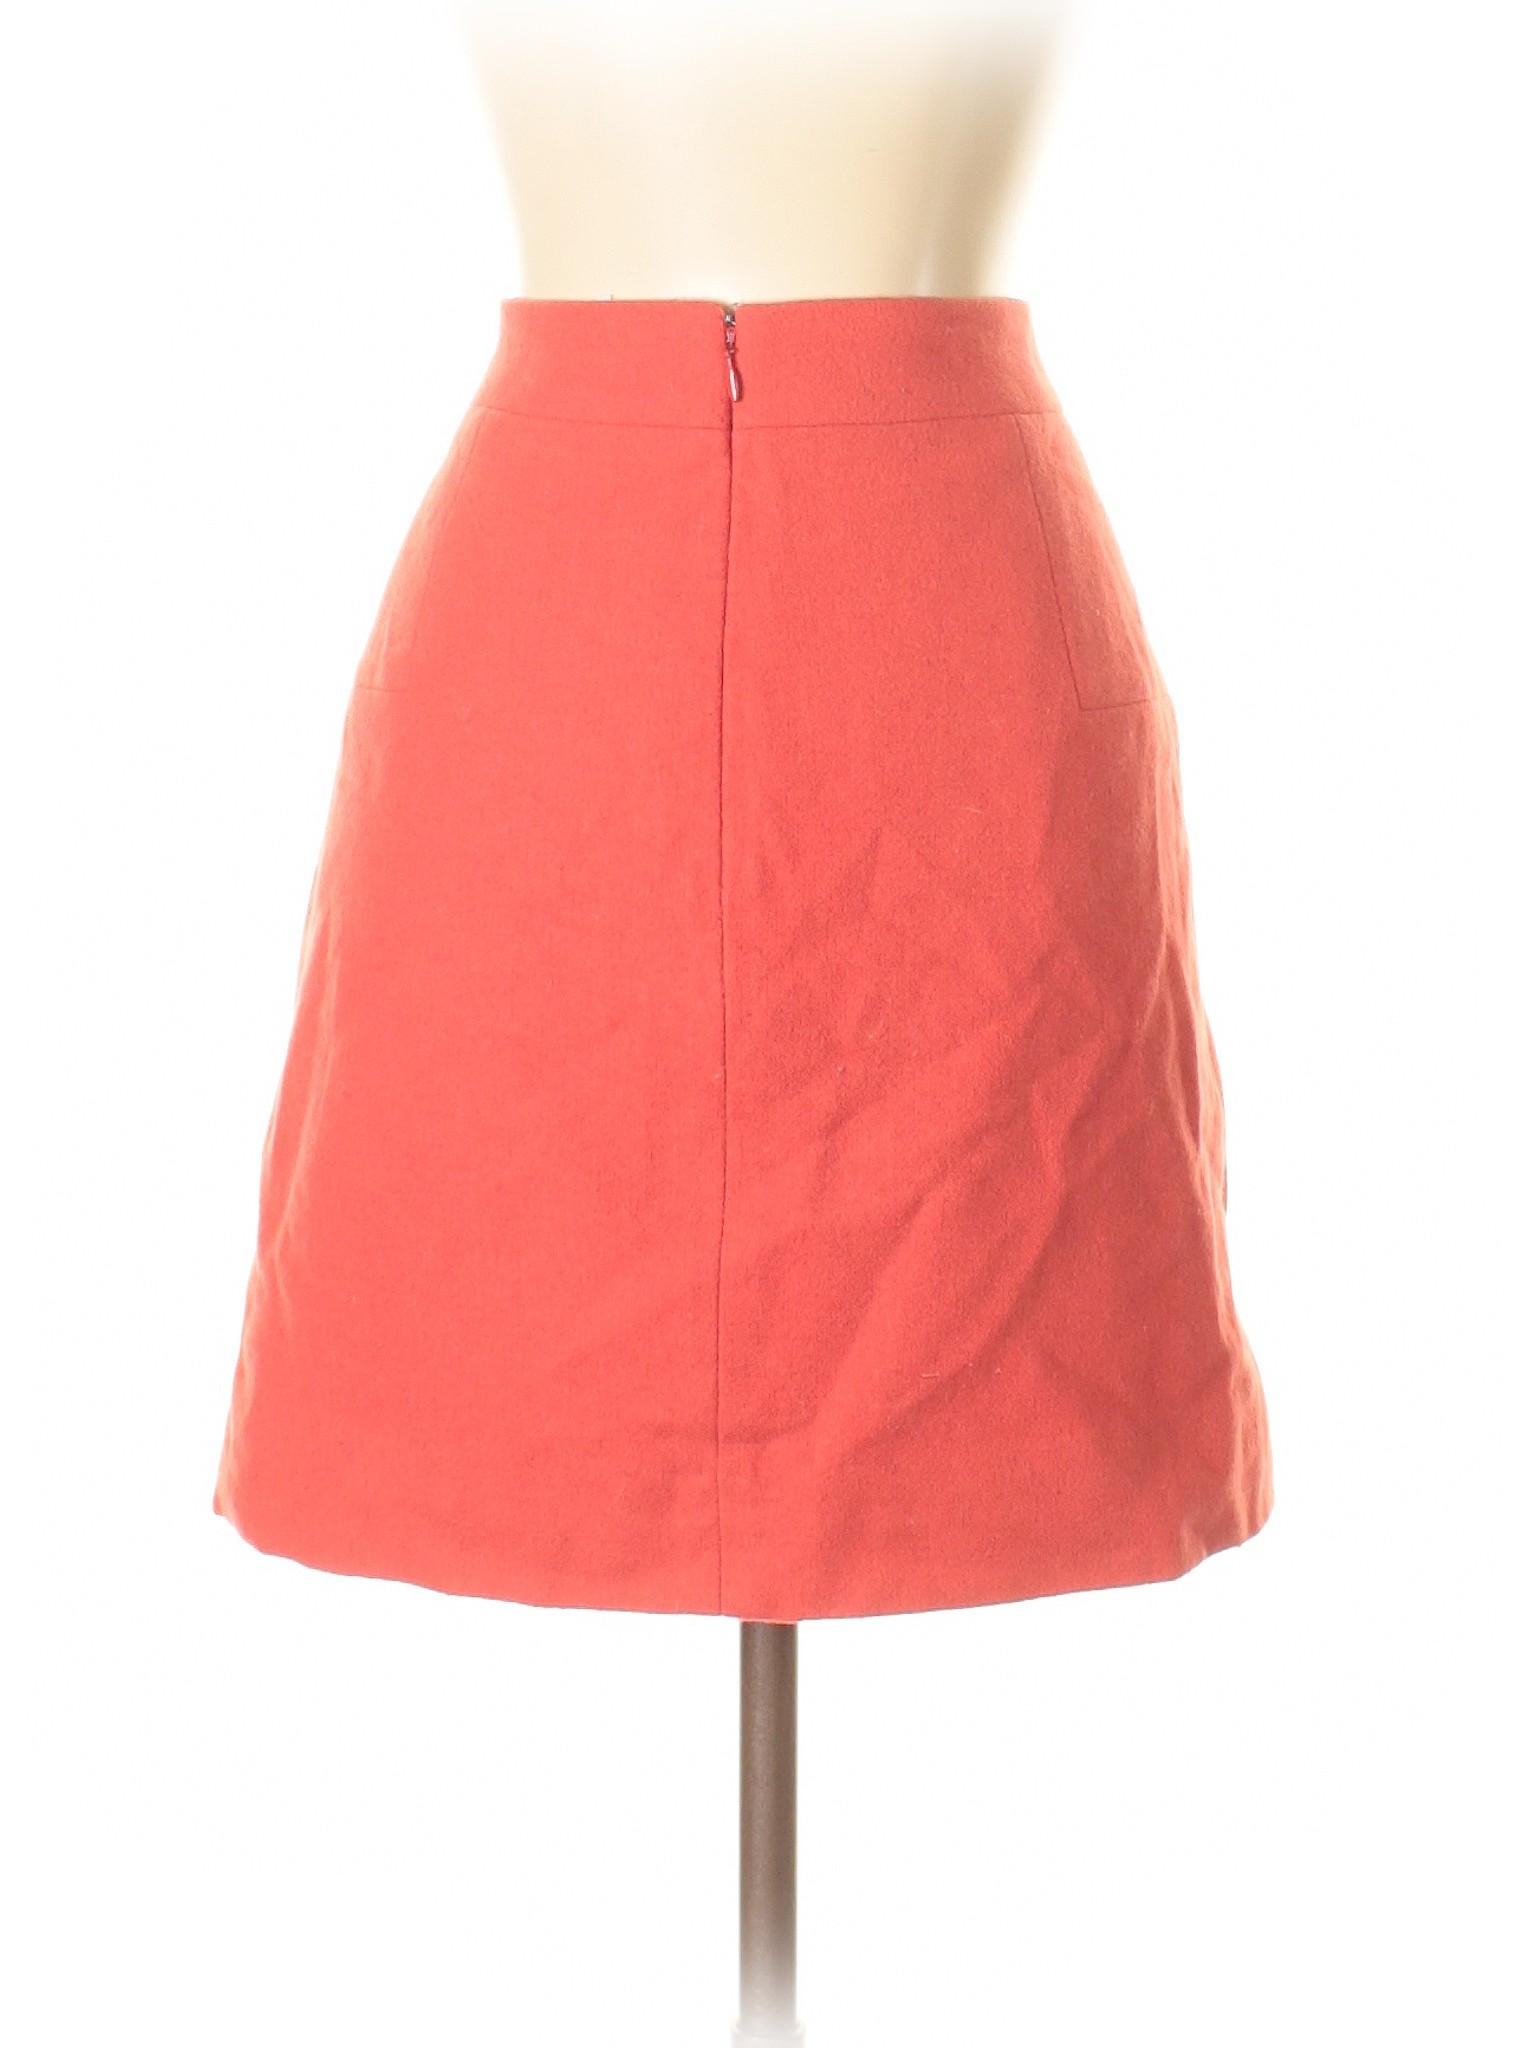 Boutique Skirt Crew J J Boutique Crew Crew Boutique Casual Casual Boutique J Casual Skirt J Skirt w5TfqF